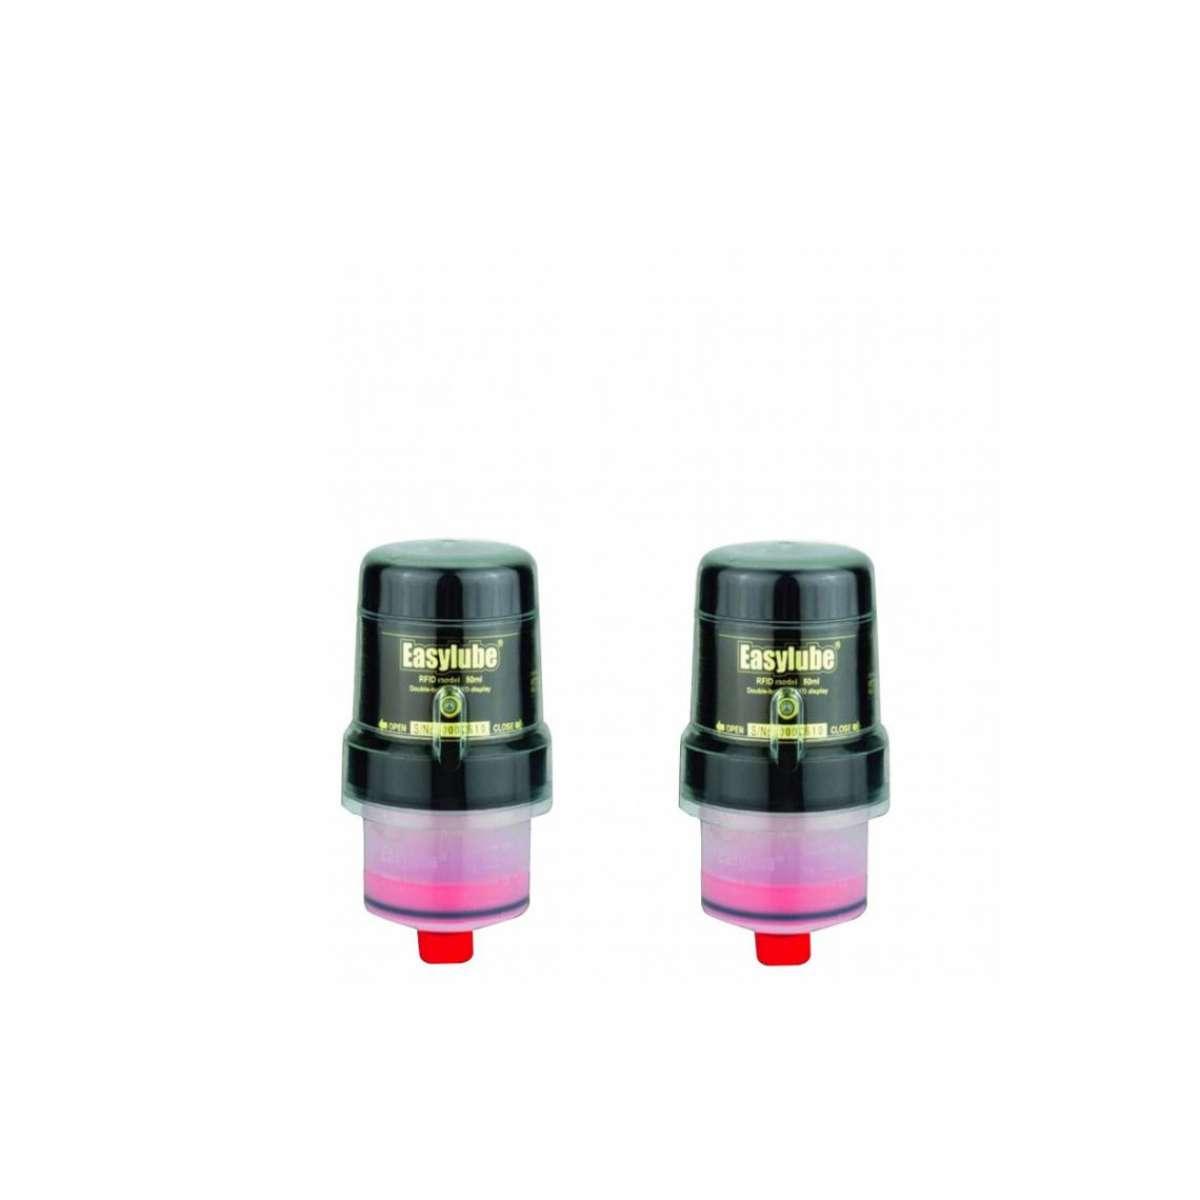 Easylube RFID STARTER KIT 60ML REMOTE MOUNT (2x EASYLUBES)